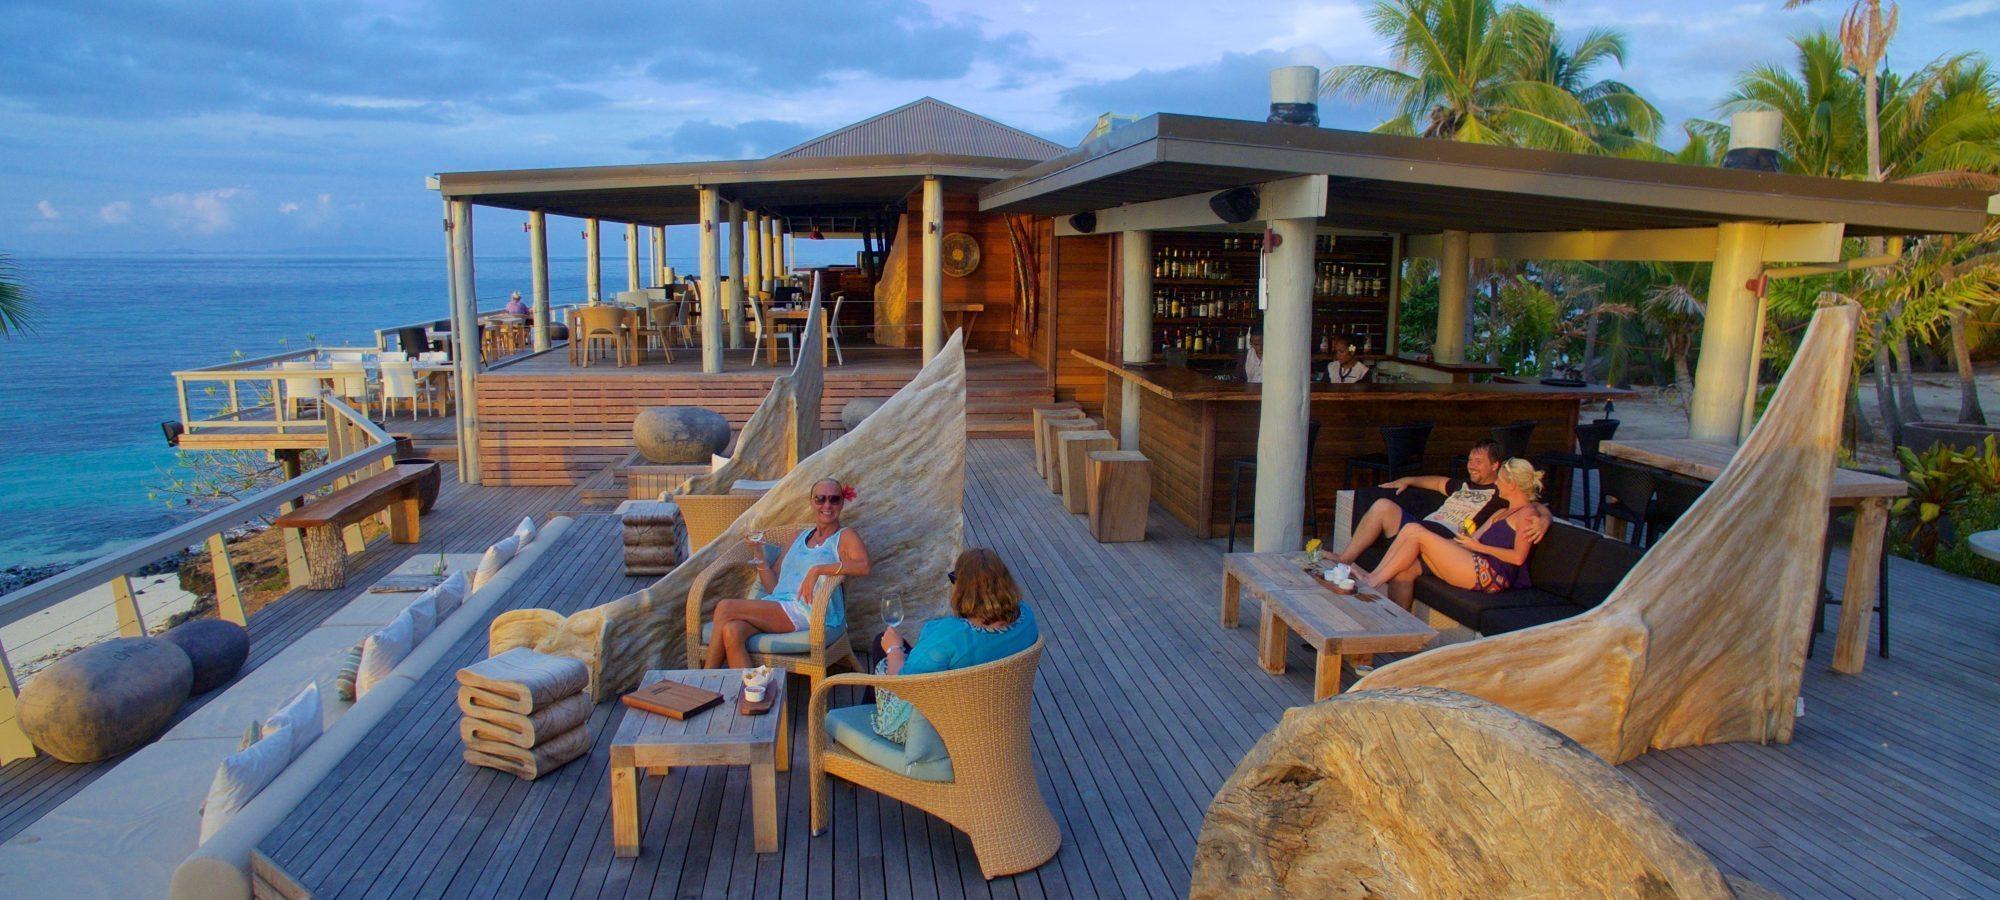 5c127e3c60d1e-vomo_island_resort_4_sup